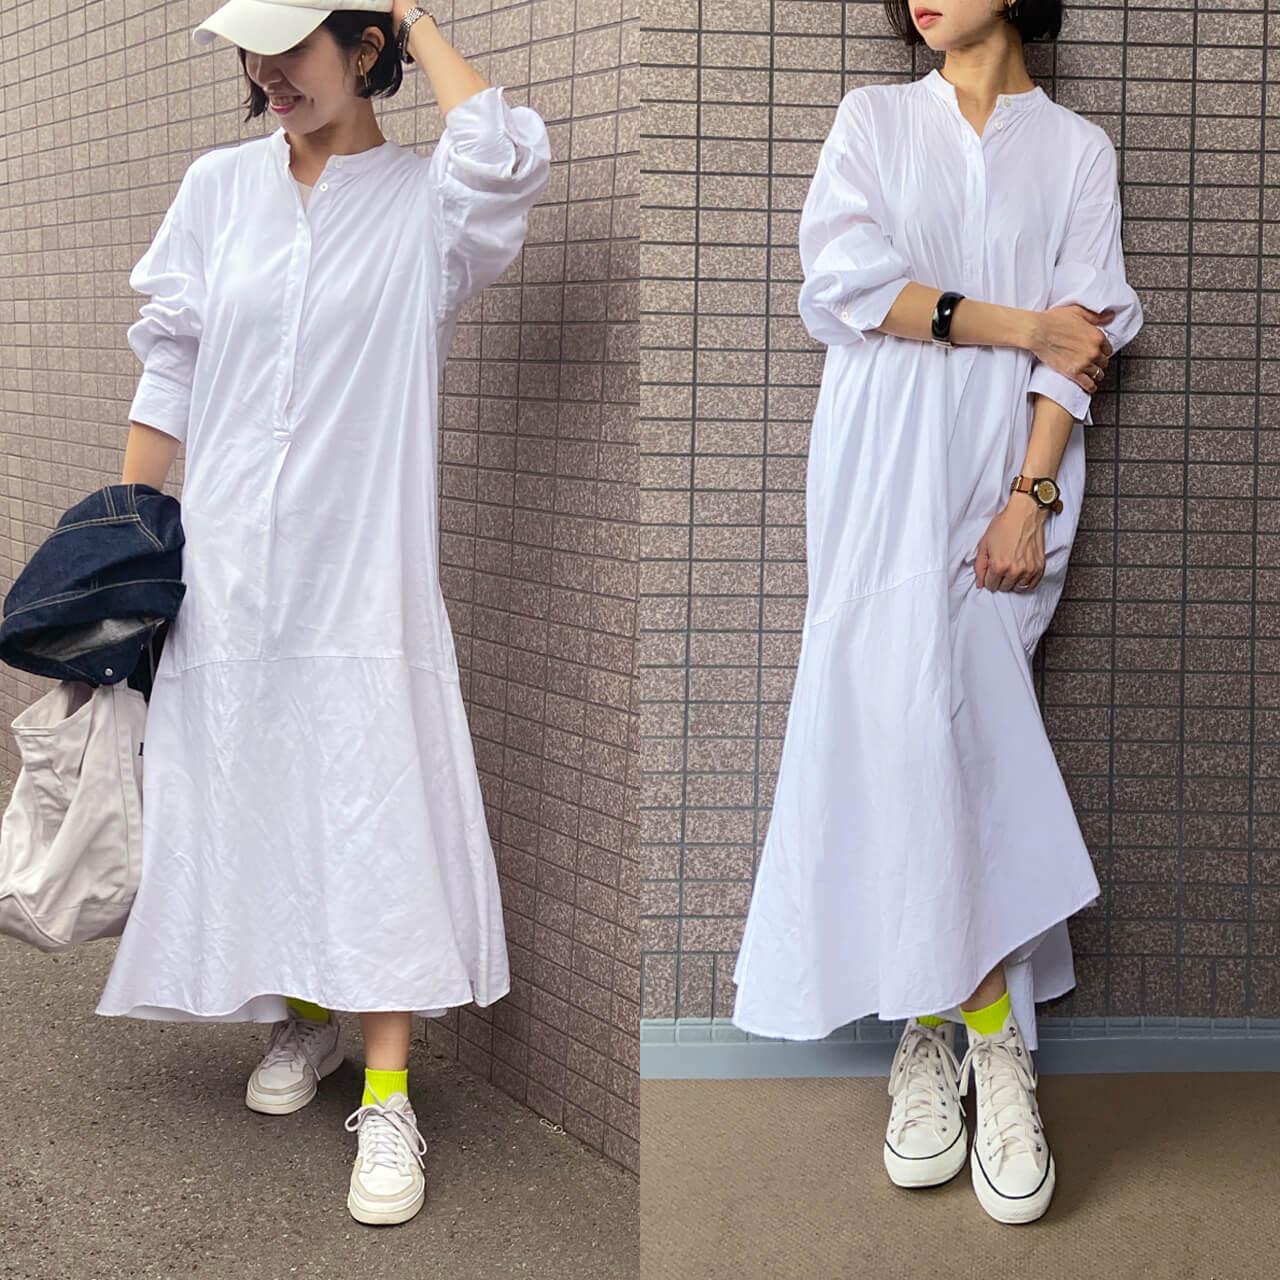 高木綾子/(右)ワンピース/plage 靴下/ファミリーマート スニーカー/コンバース (左)スニーカーアディダス